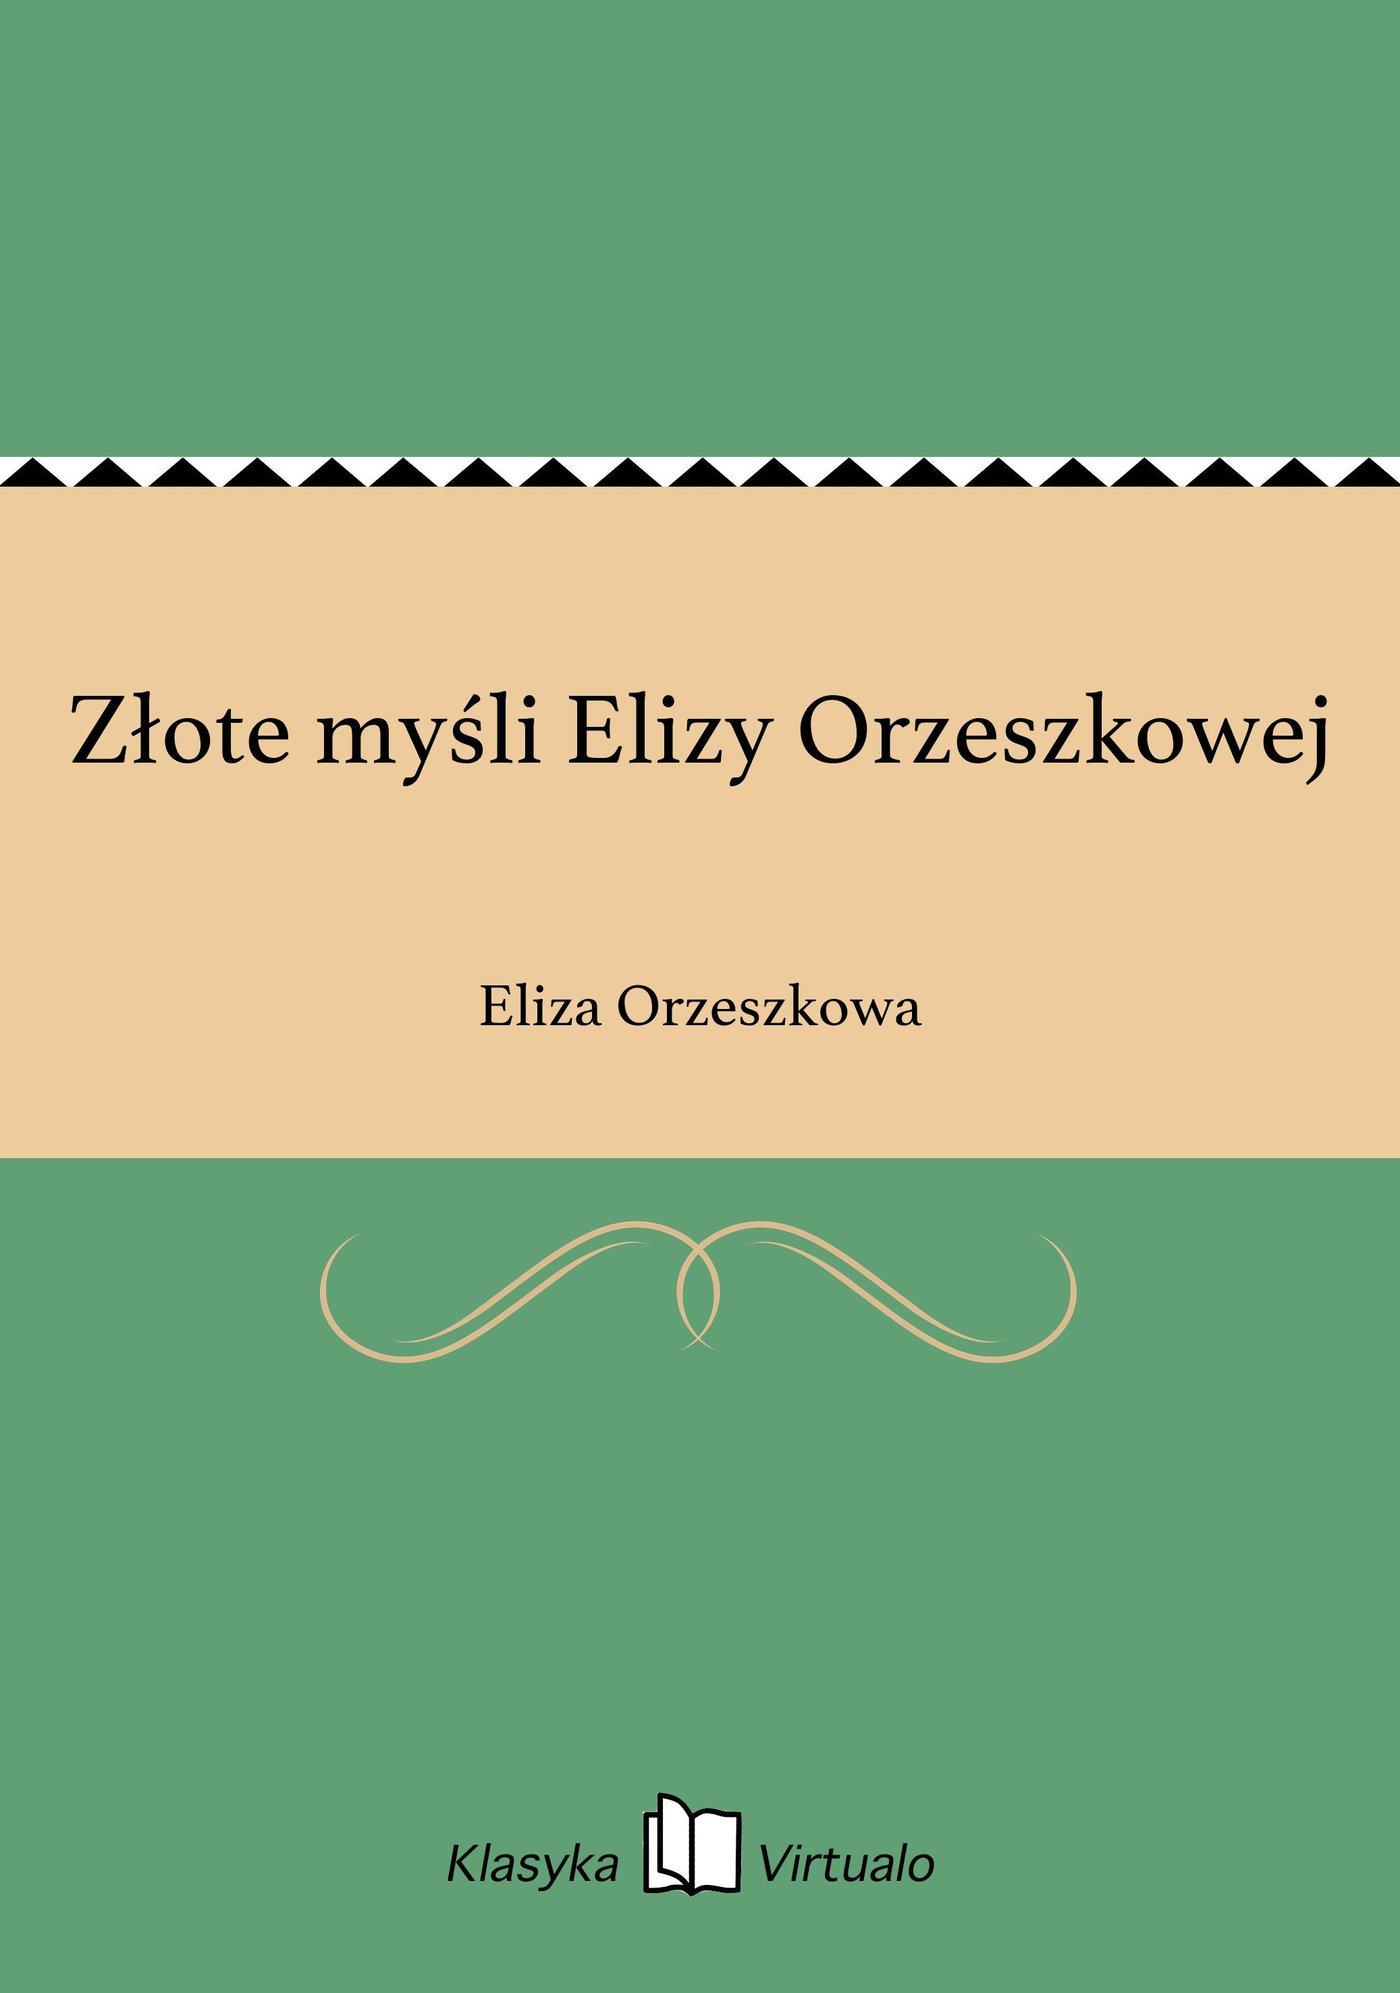 Złote myśli Elizy Orzeszkowej - Ebook (Książka EPUB) do pobrania w formacie EPUB